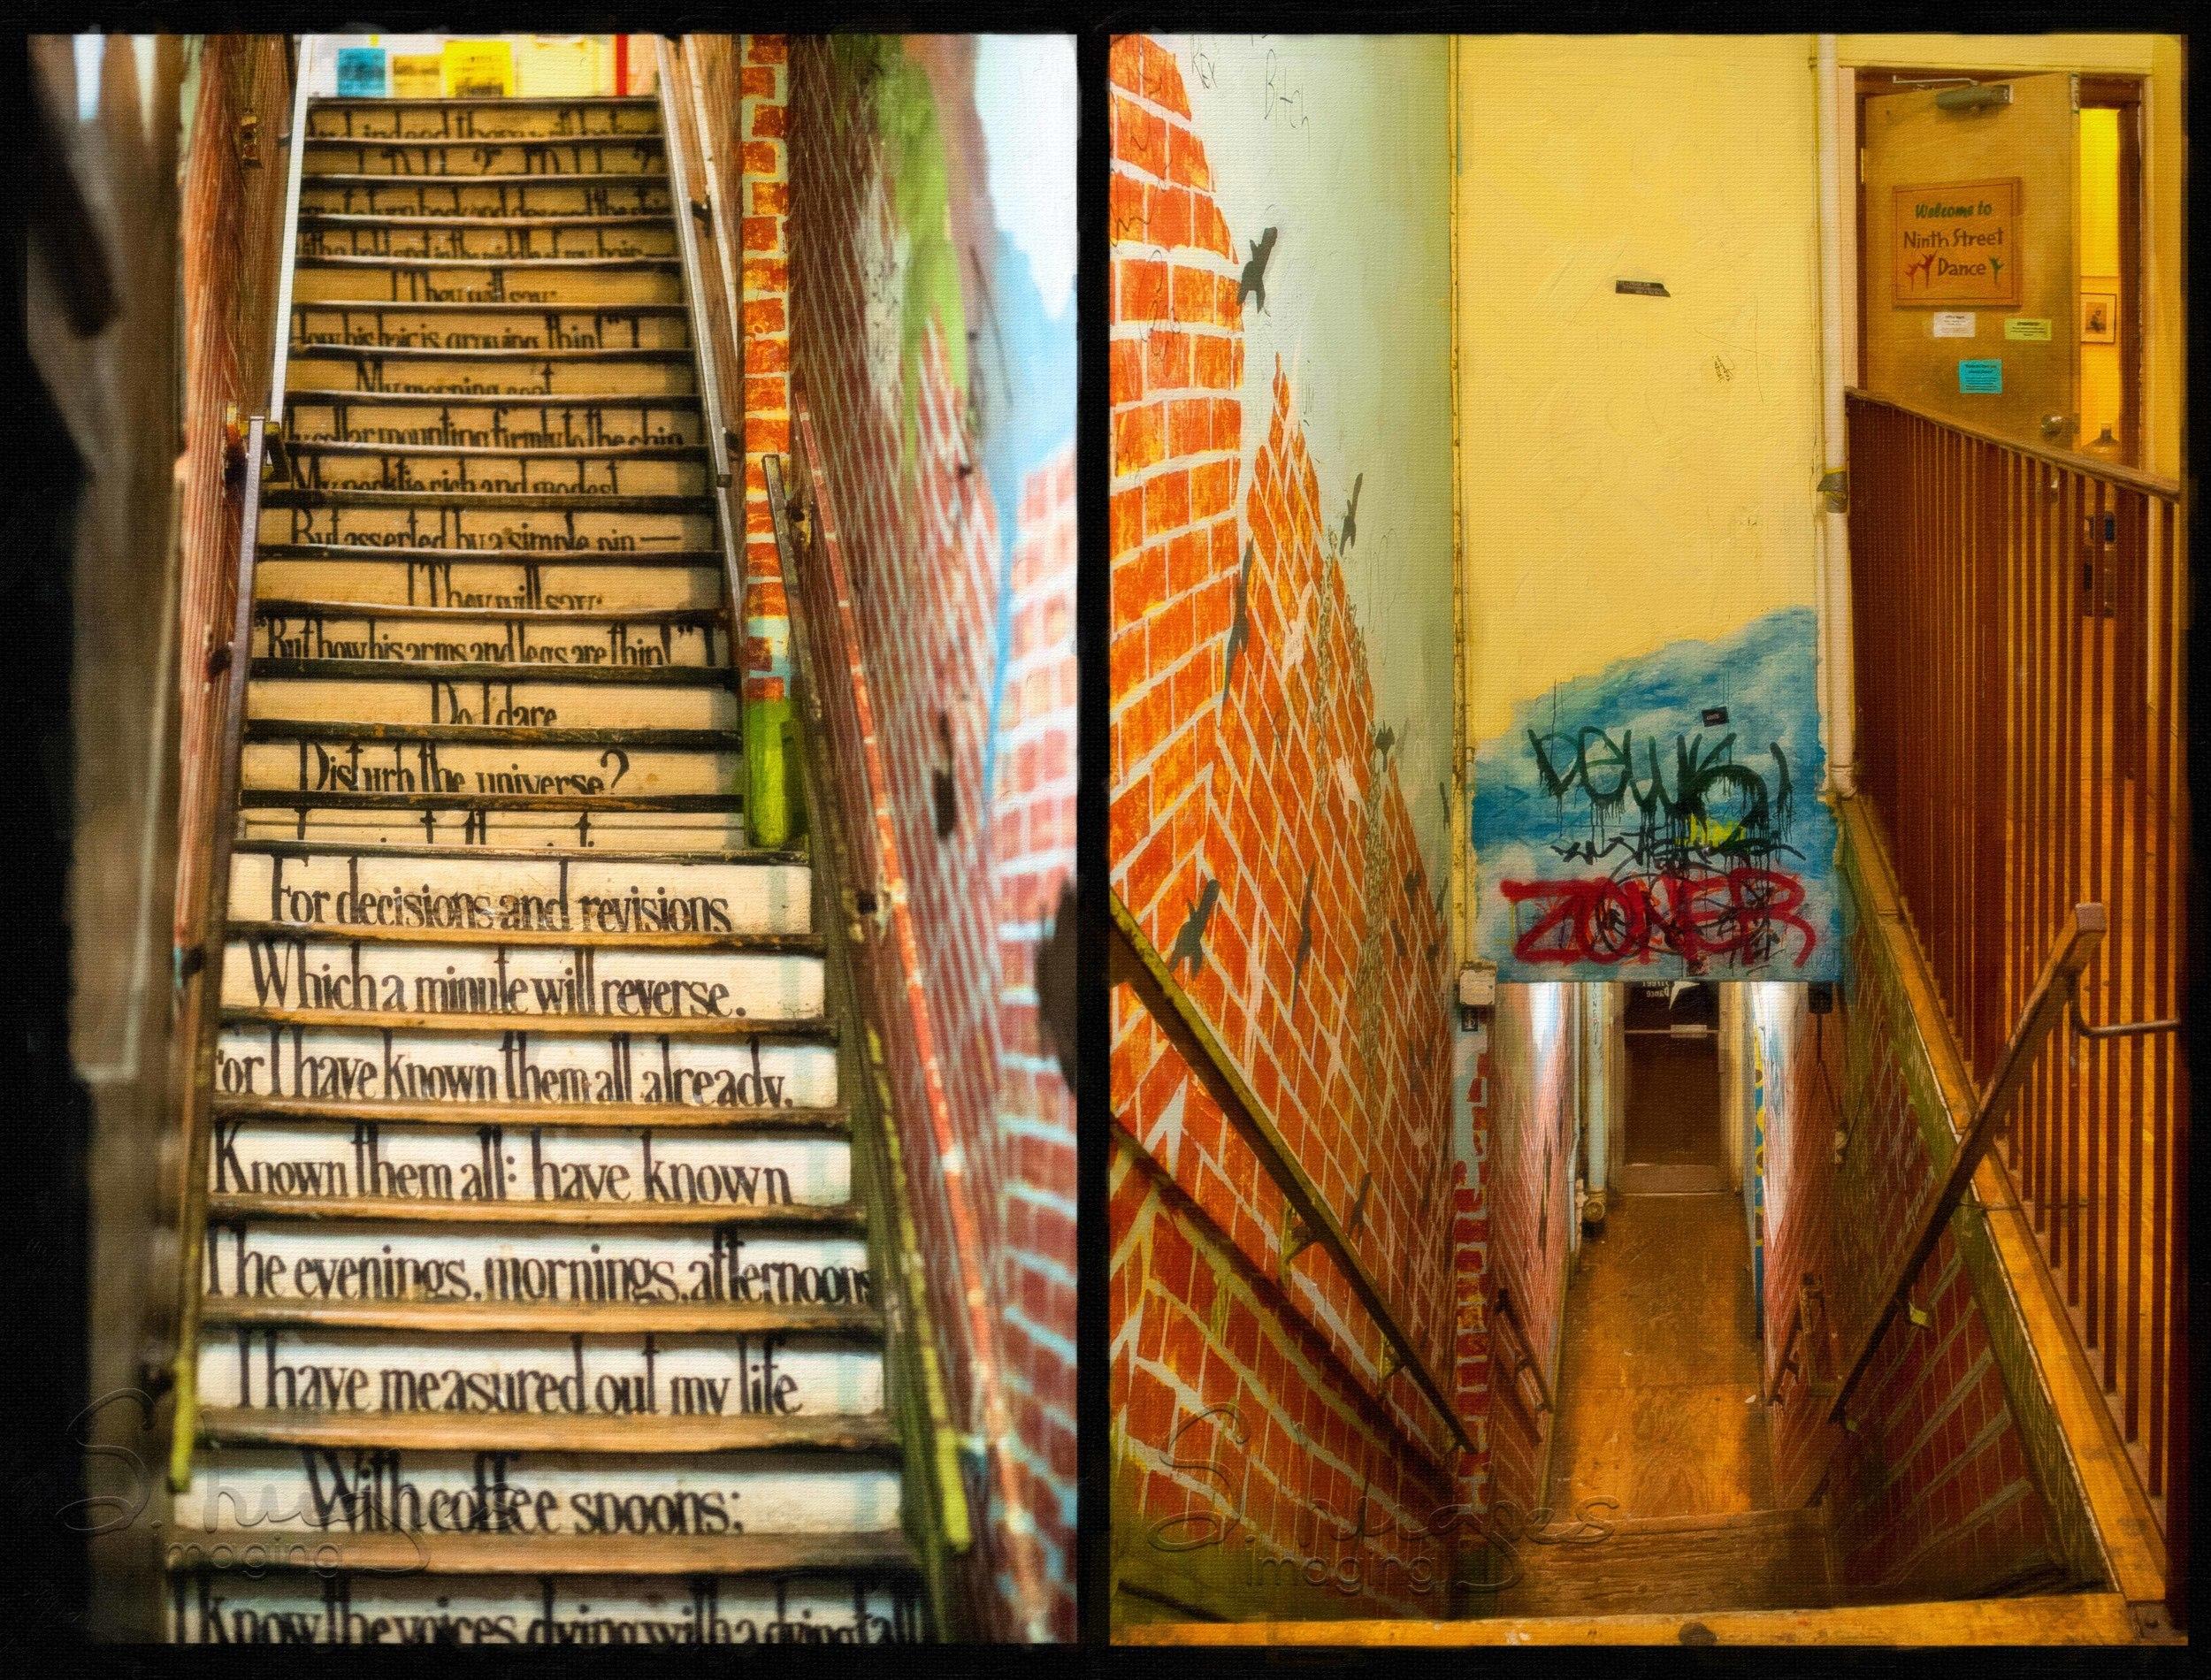 Stairway_CosmicCantena_Edited232014_Taken2112011_web.jpg